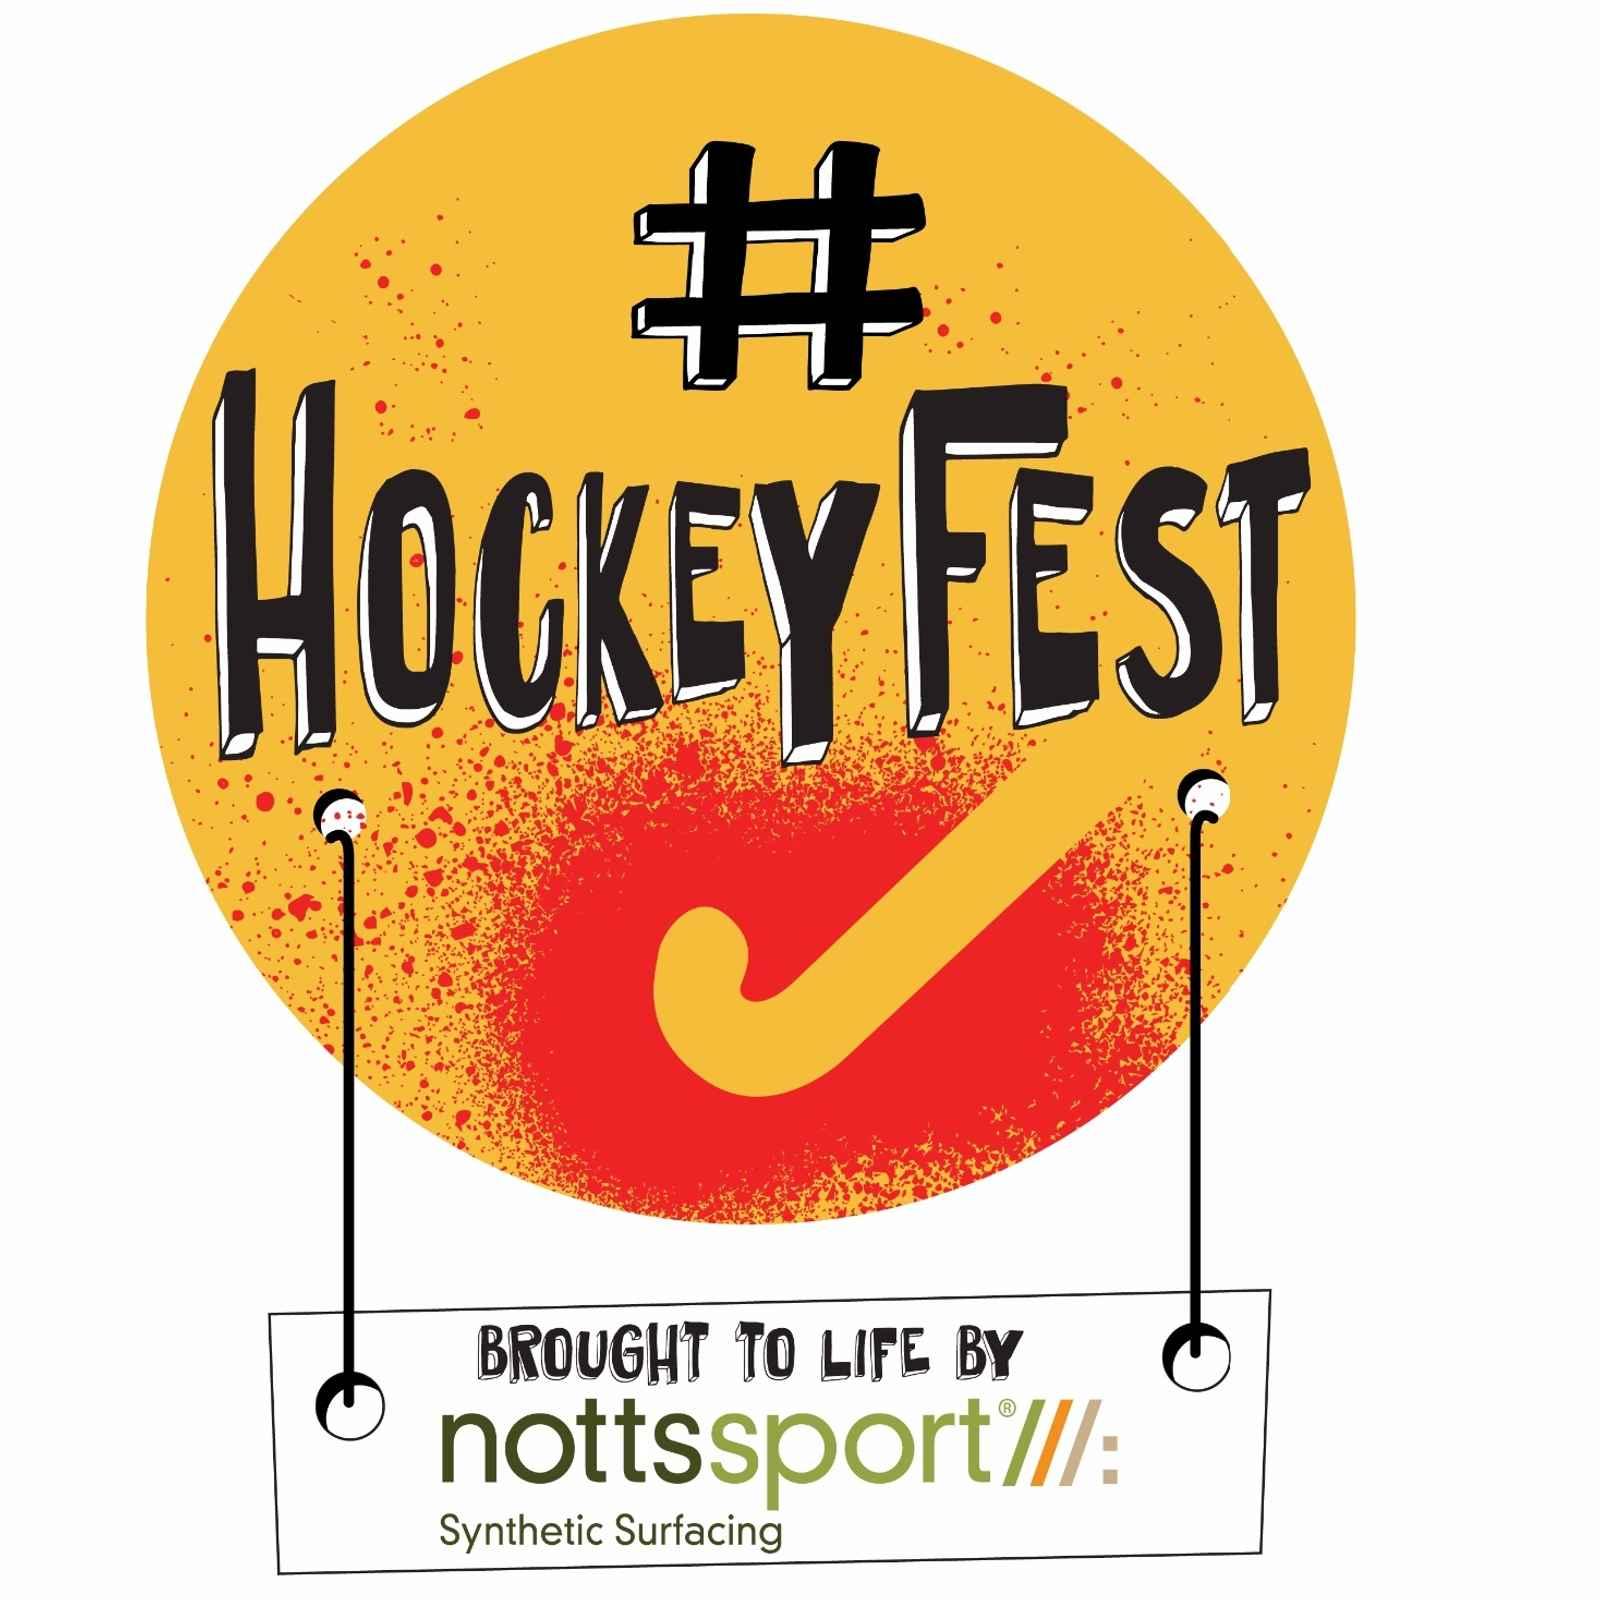 Hockey Fest is coming on September 3rd